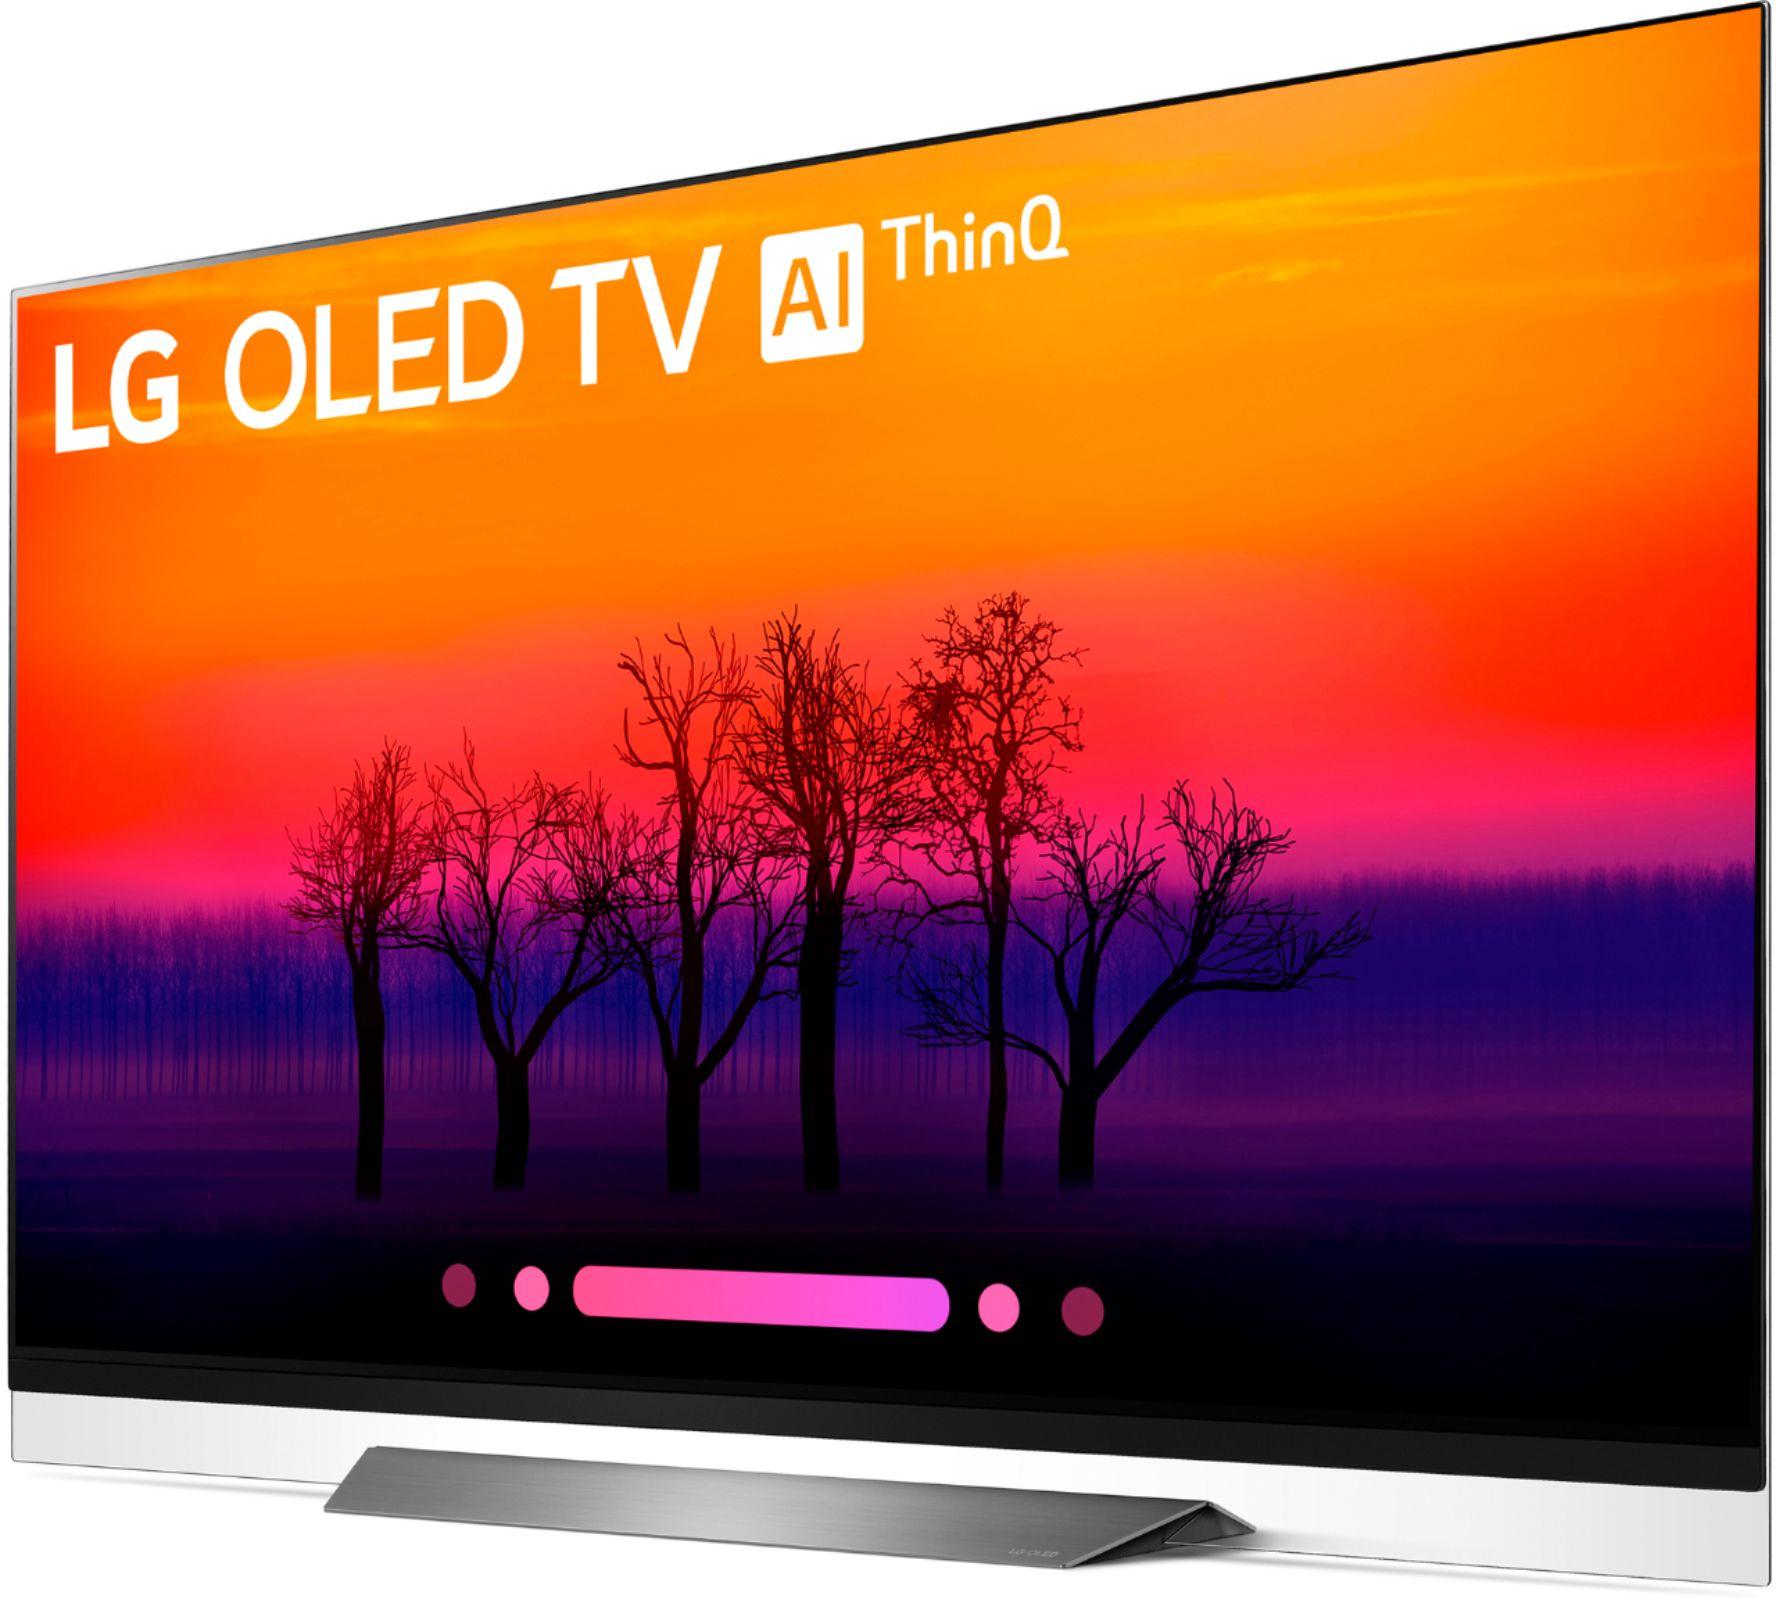 Image 21 for LG OLED65E8PUA